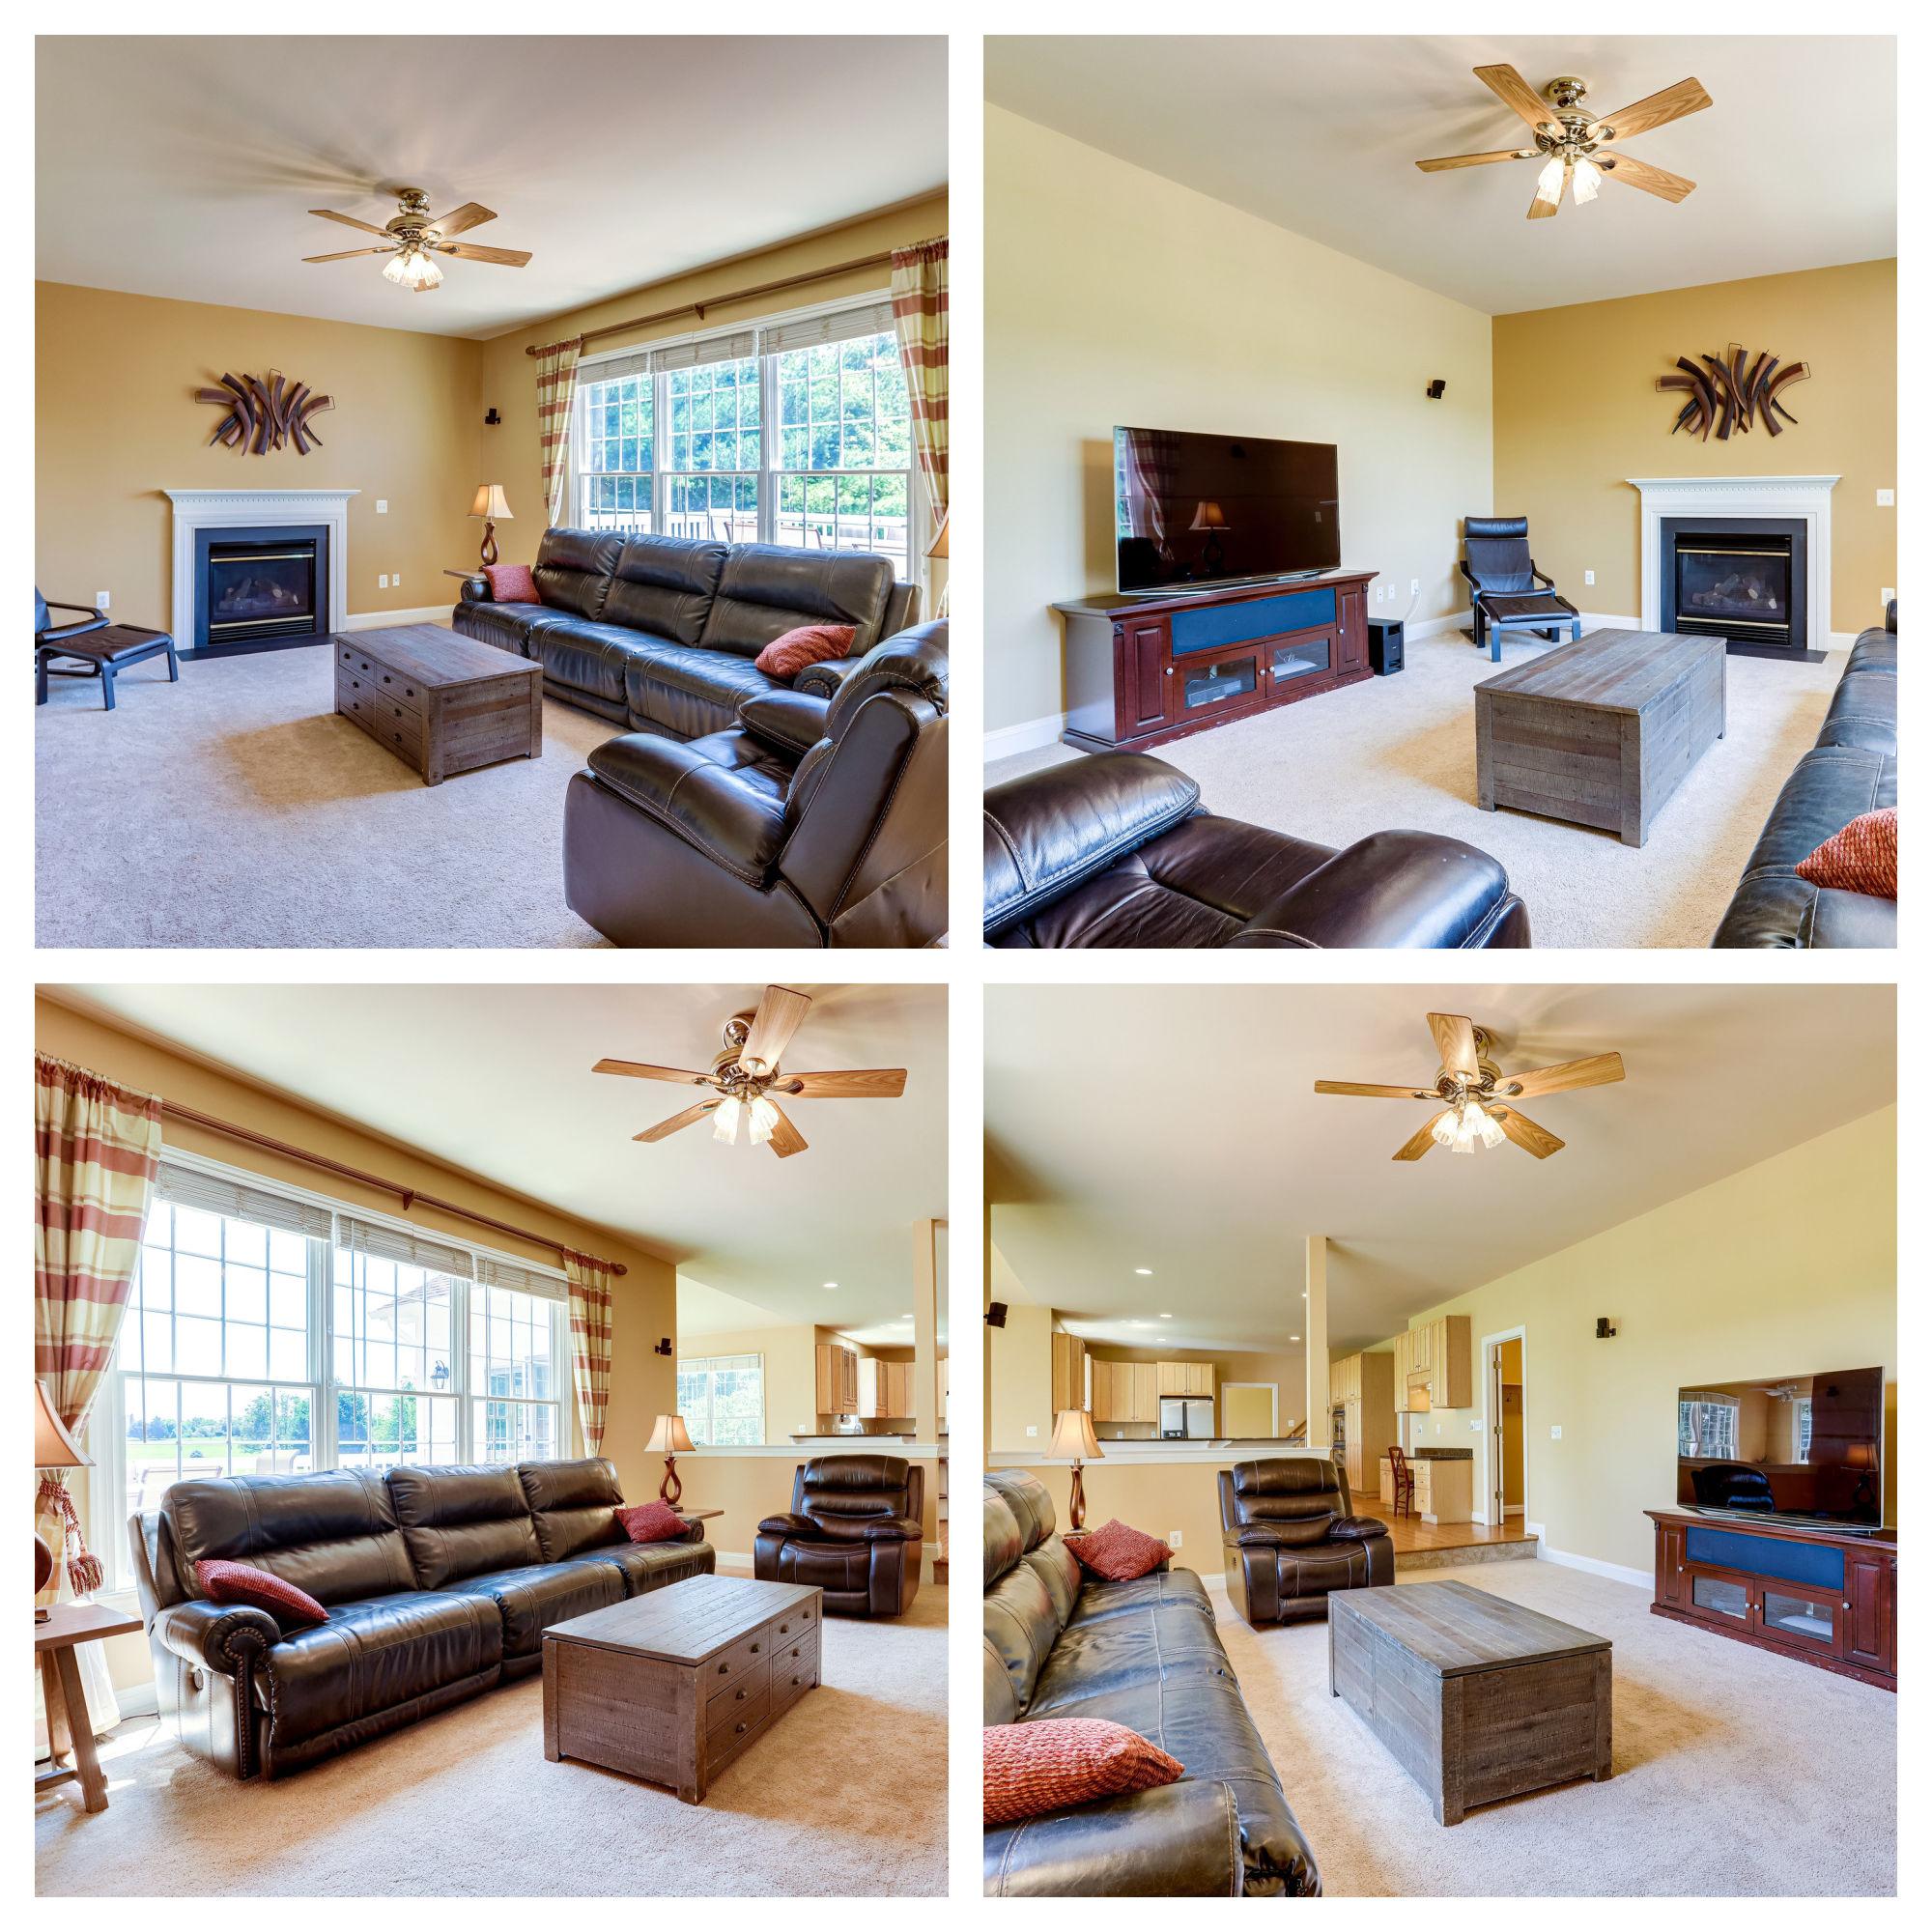 42259 Big Springs Ct, Leesburg- Family Room